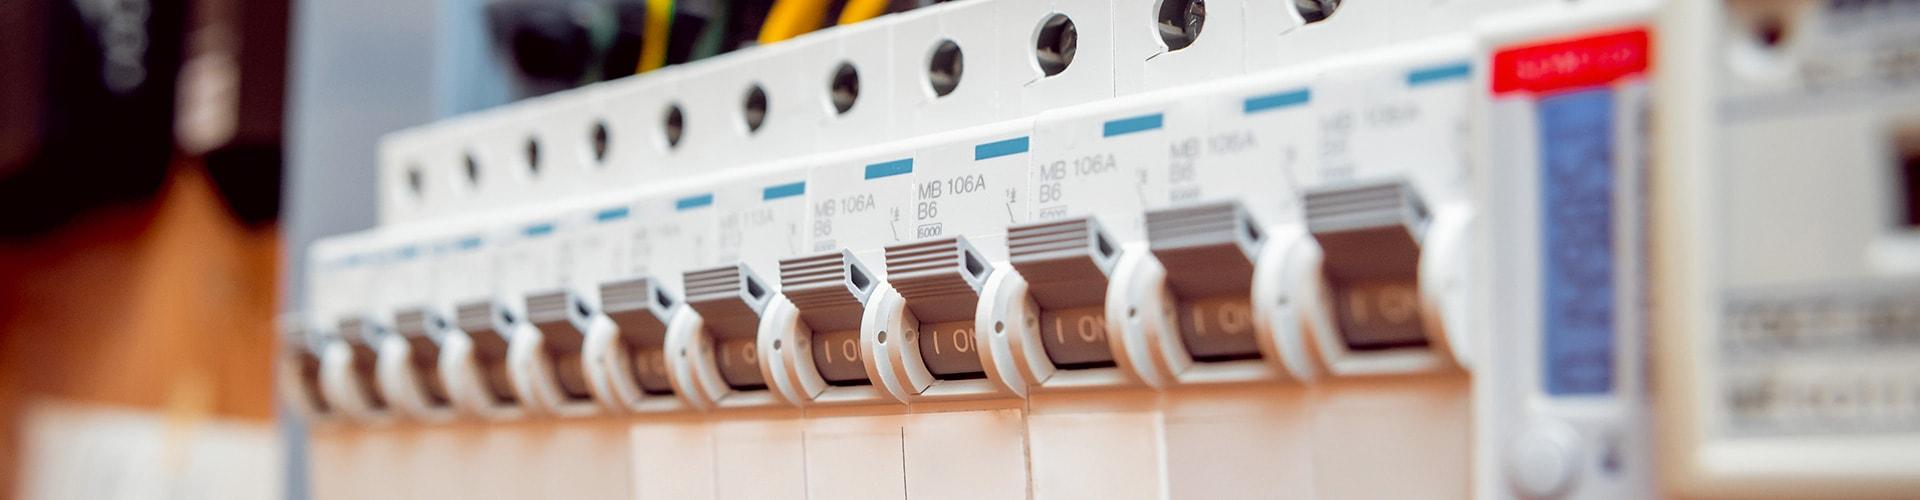 mesdevis.ch | Electricité | Tableau électrique